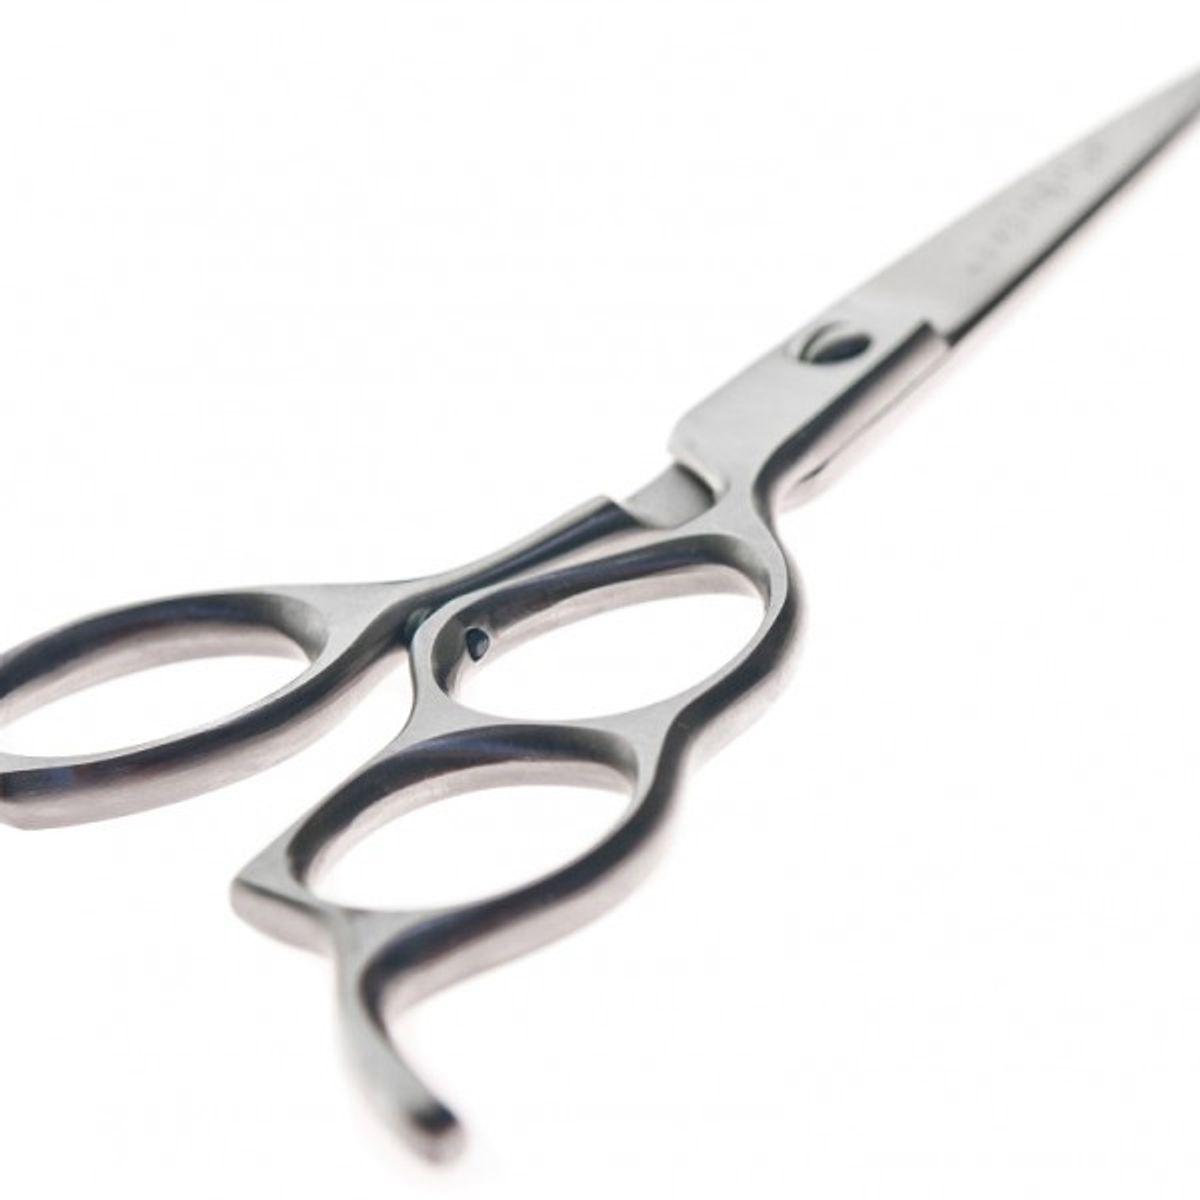 Ciseaux microdentés Apliquick ® 3 trous